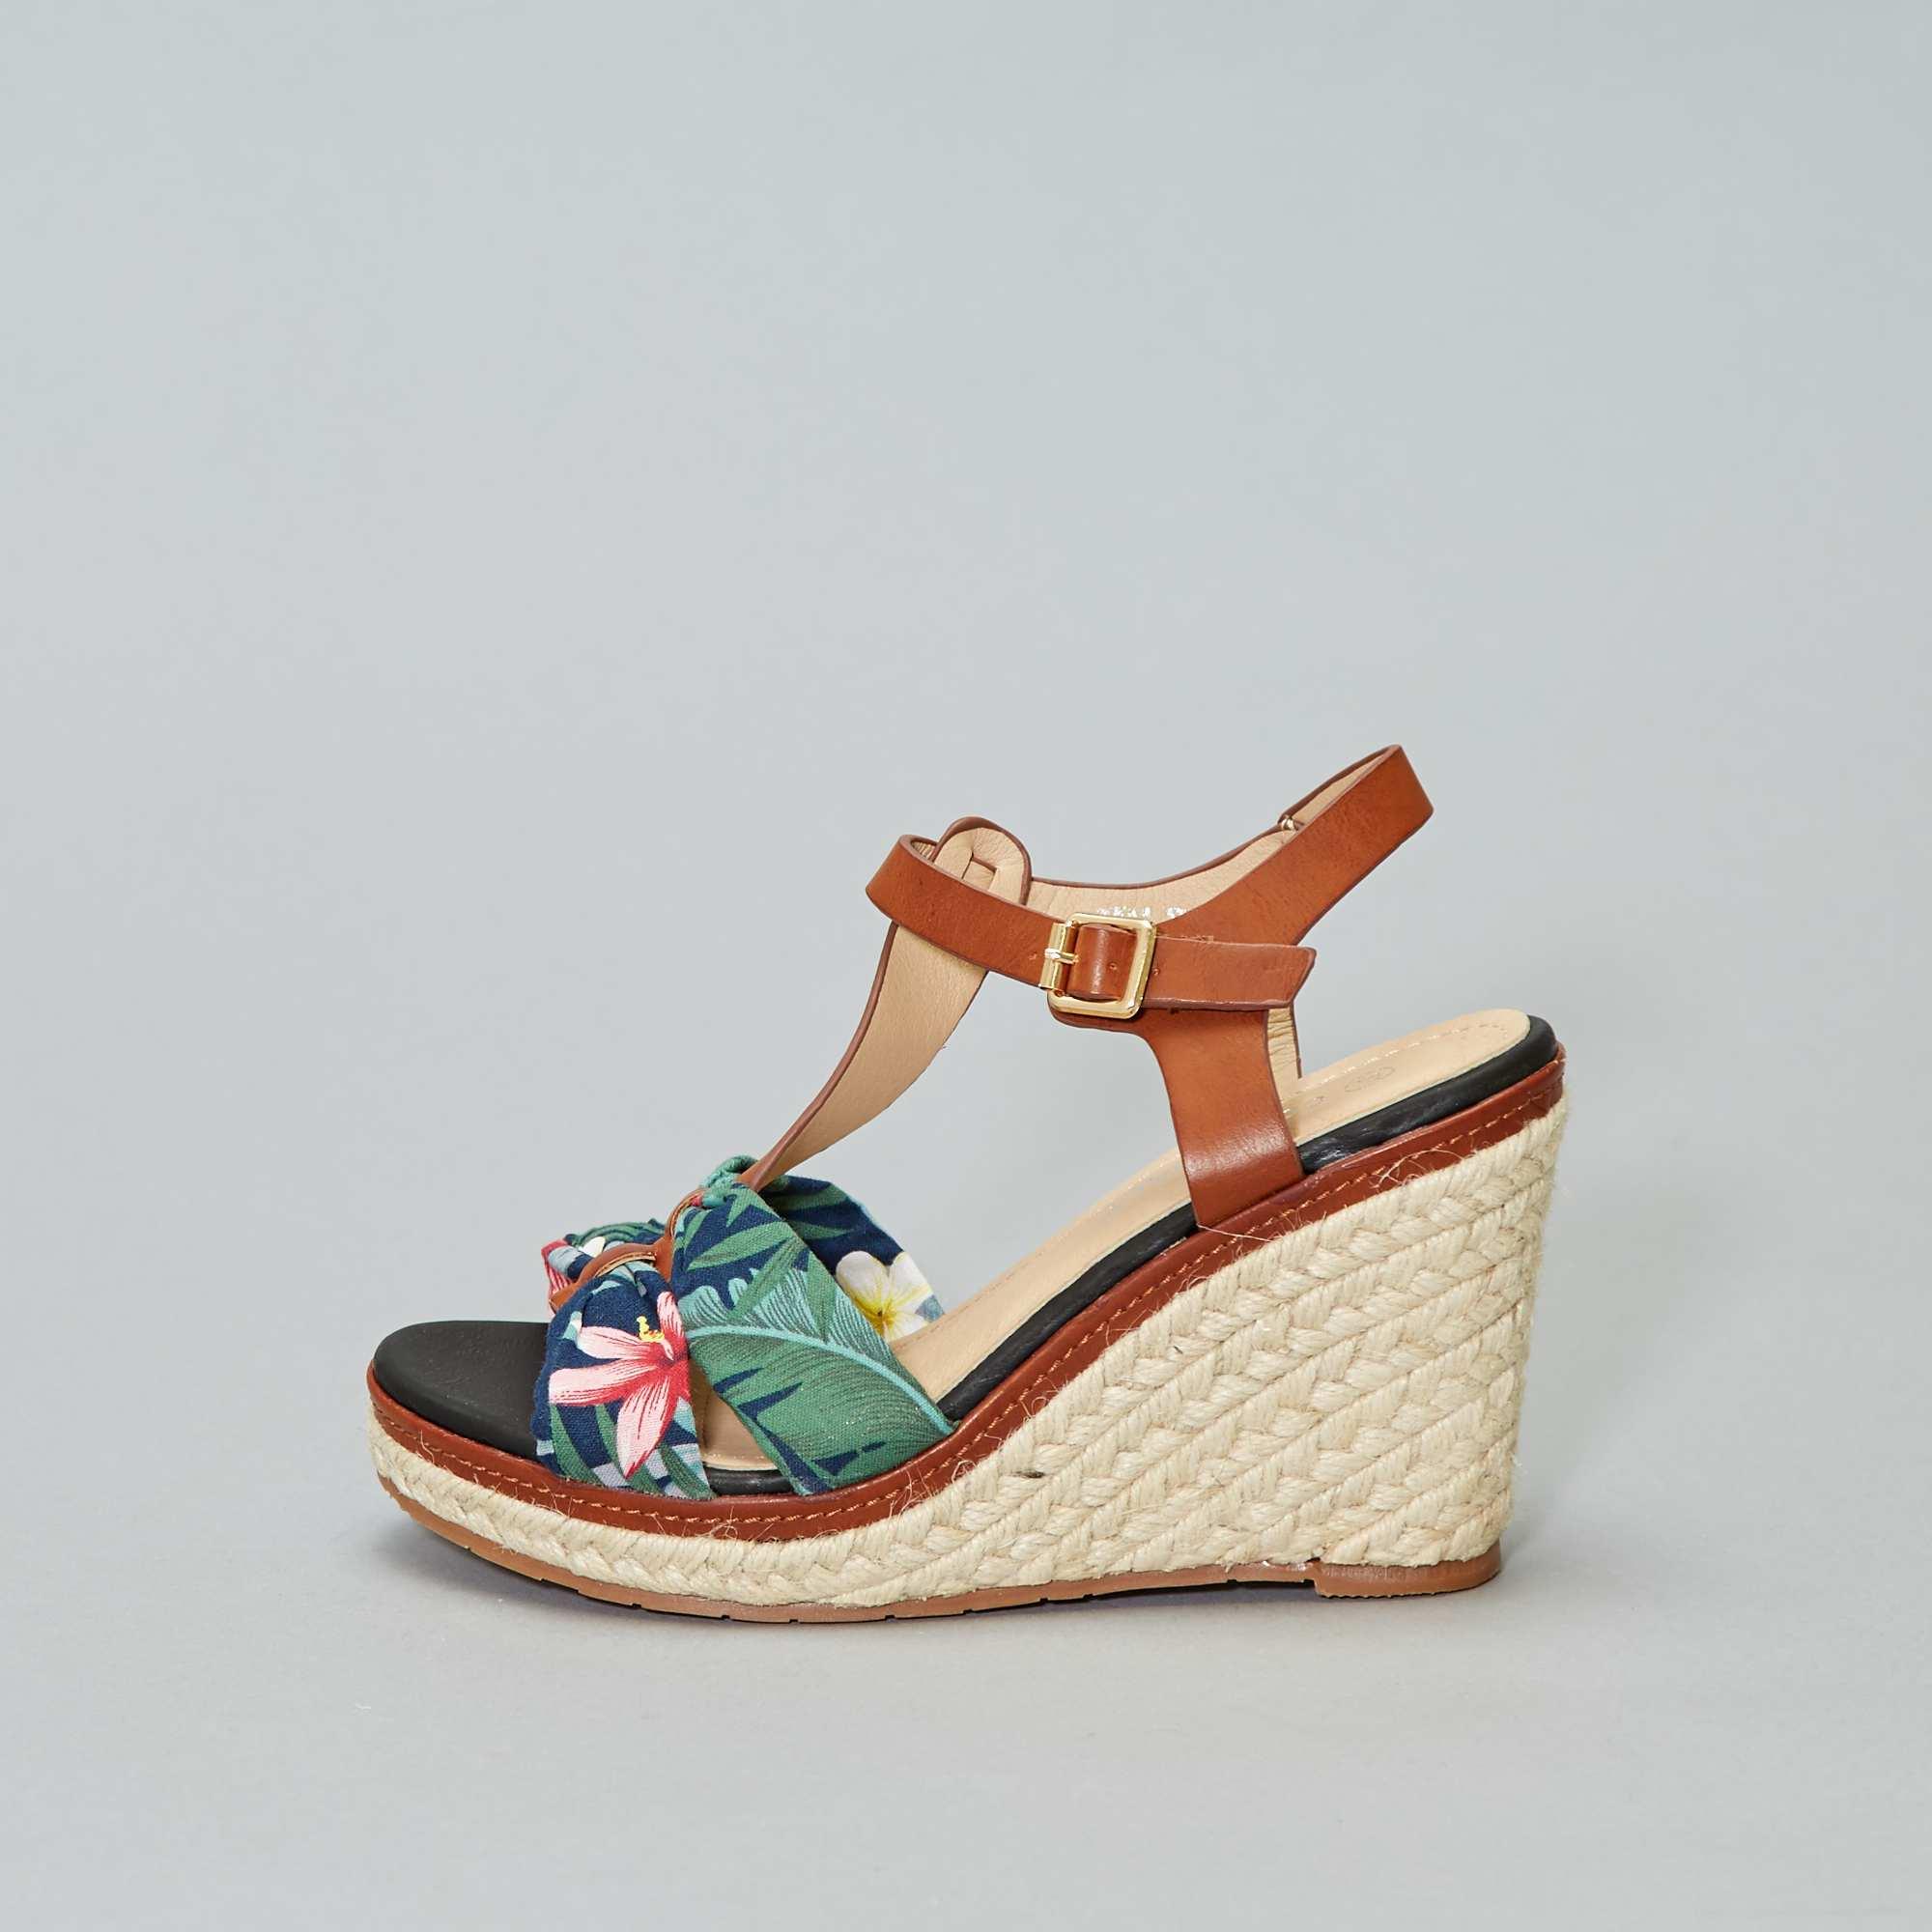 36fff90b3a3c2d Sandales compensées imprimé tropical Femme - bleu/rose/vert - Kiabi ...